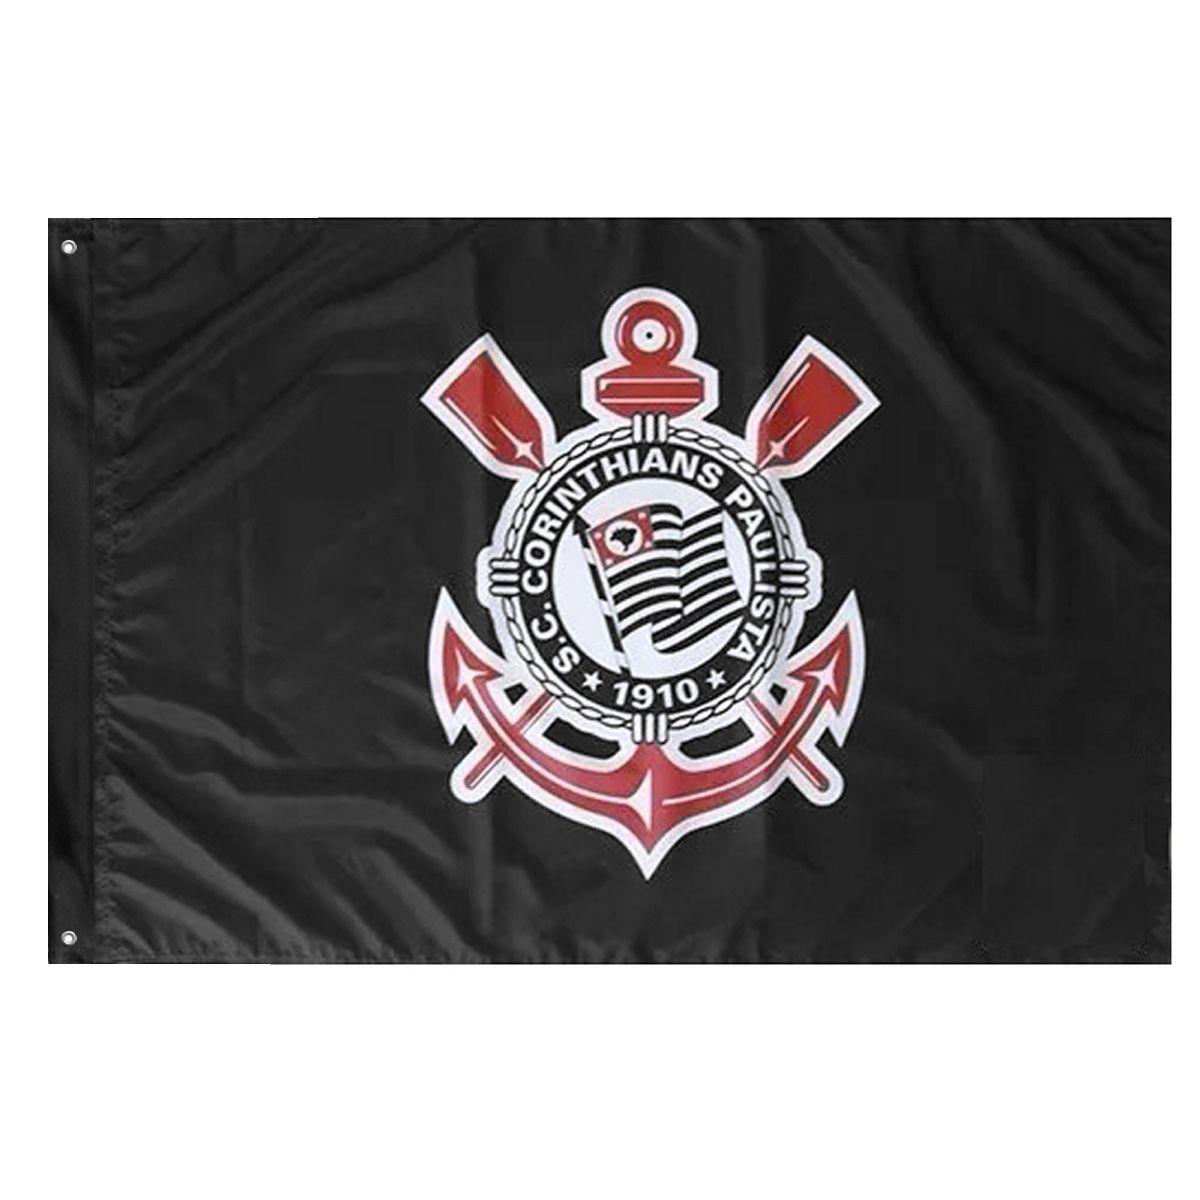 Bandeira Oficial do Corinthians 96 x 68 cm